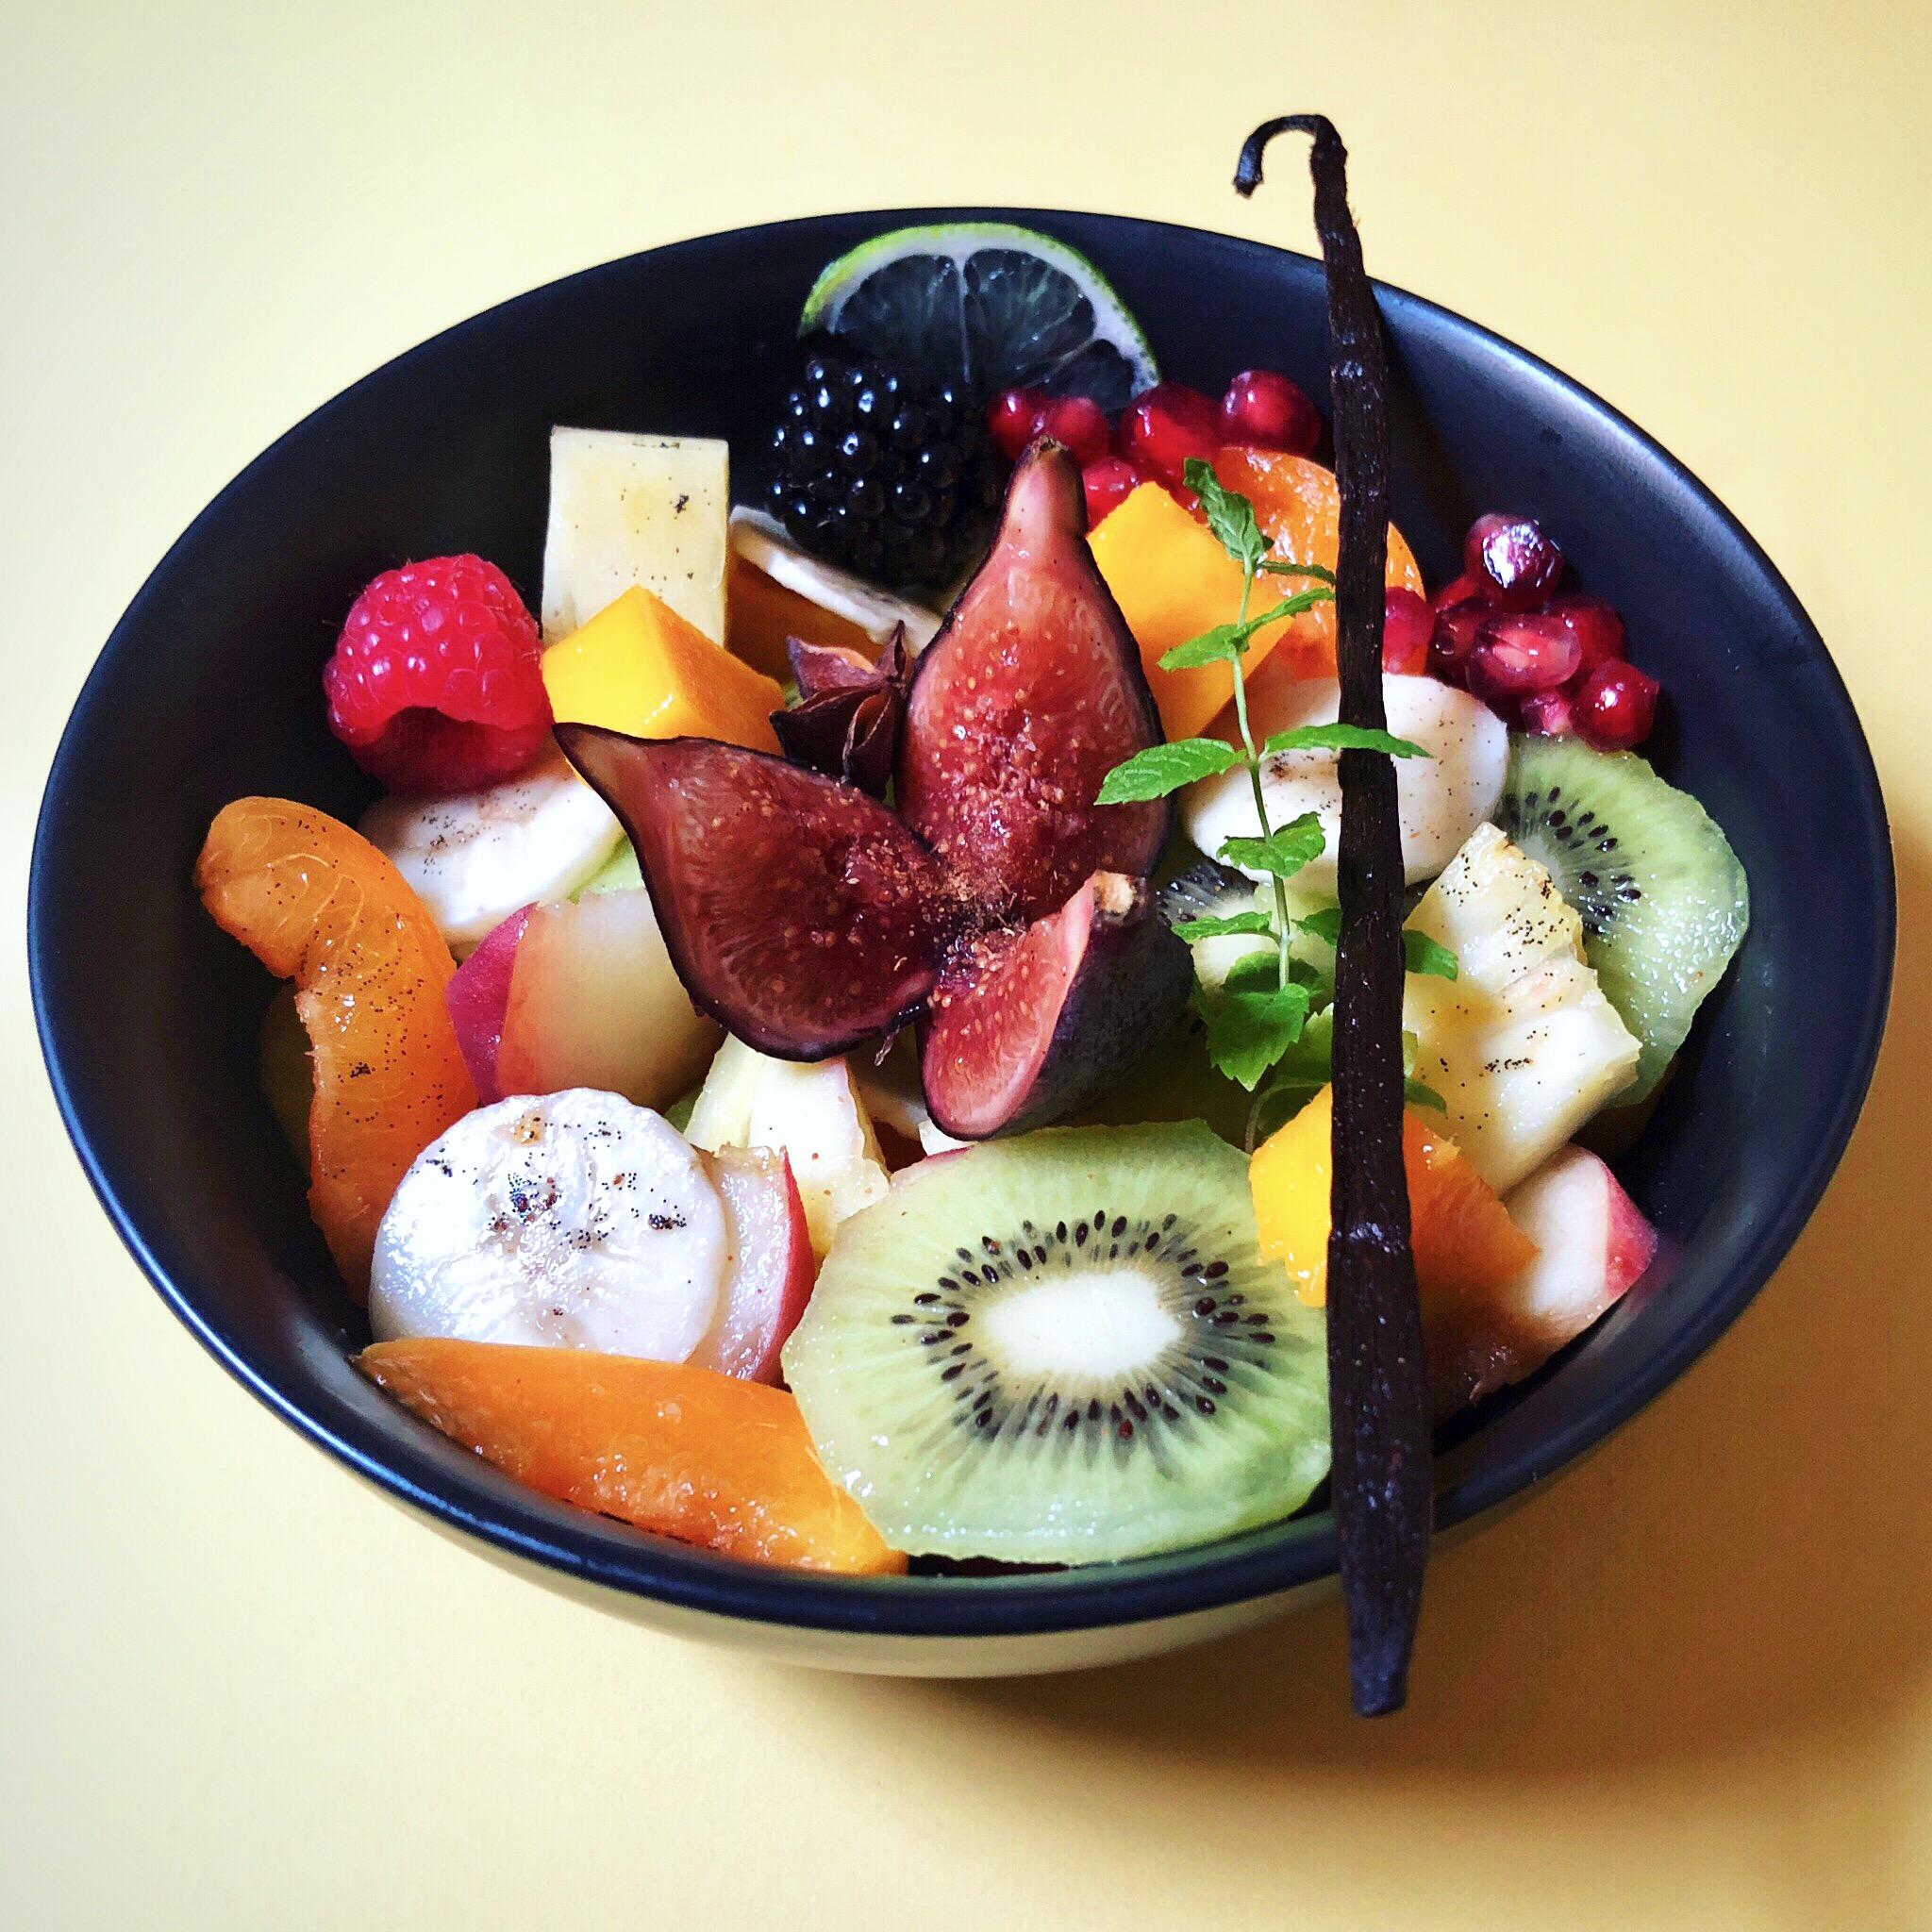 IMG 3309 - Salade de fruits jolie jolie